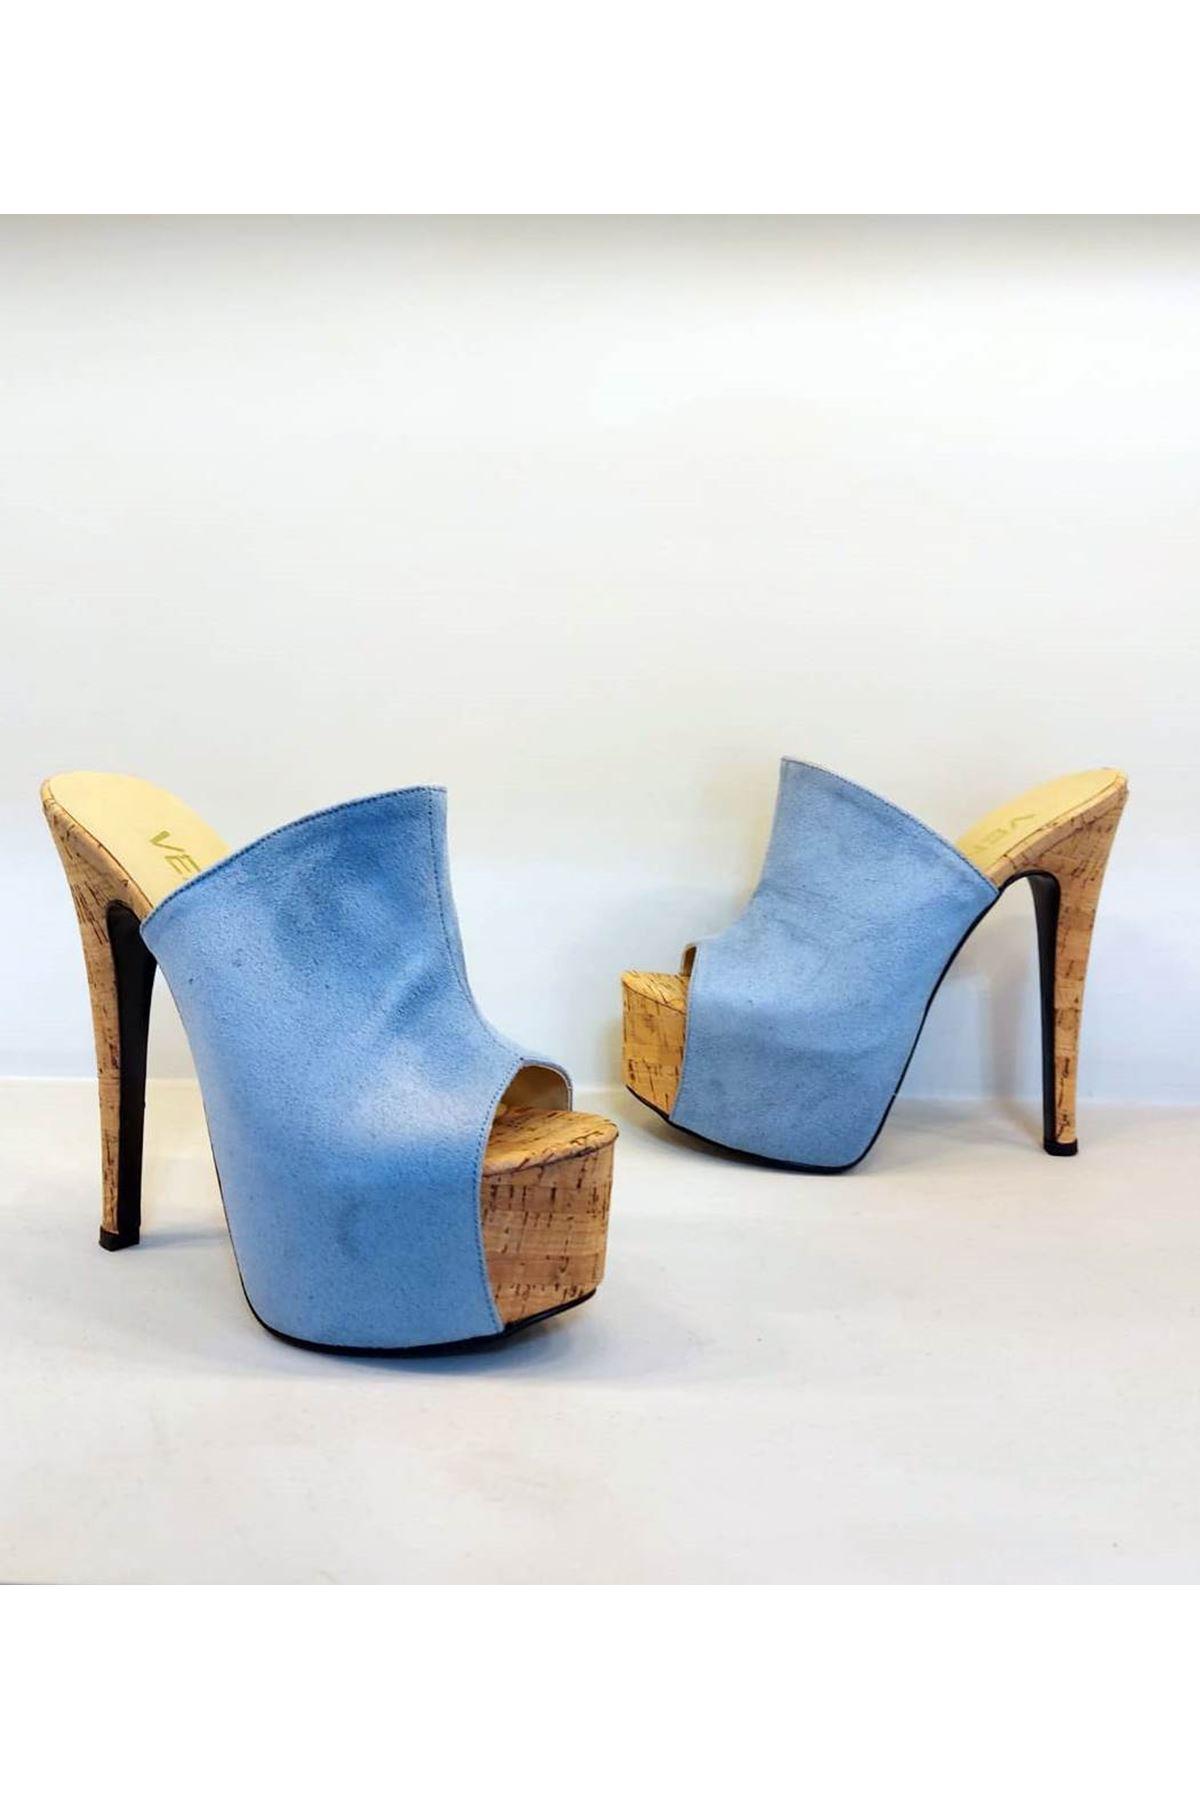 00513 Mantar-Bebe Mavi Süet Yüksek Topuklu Terlik